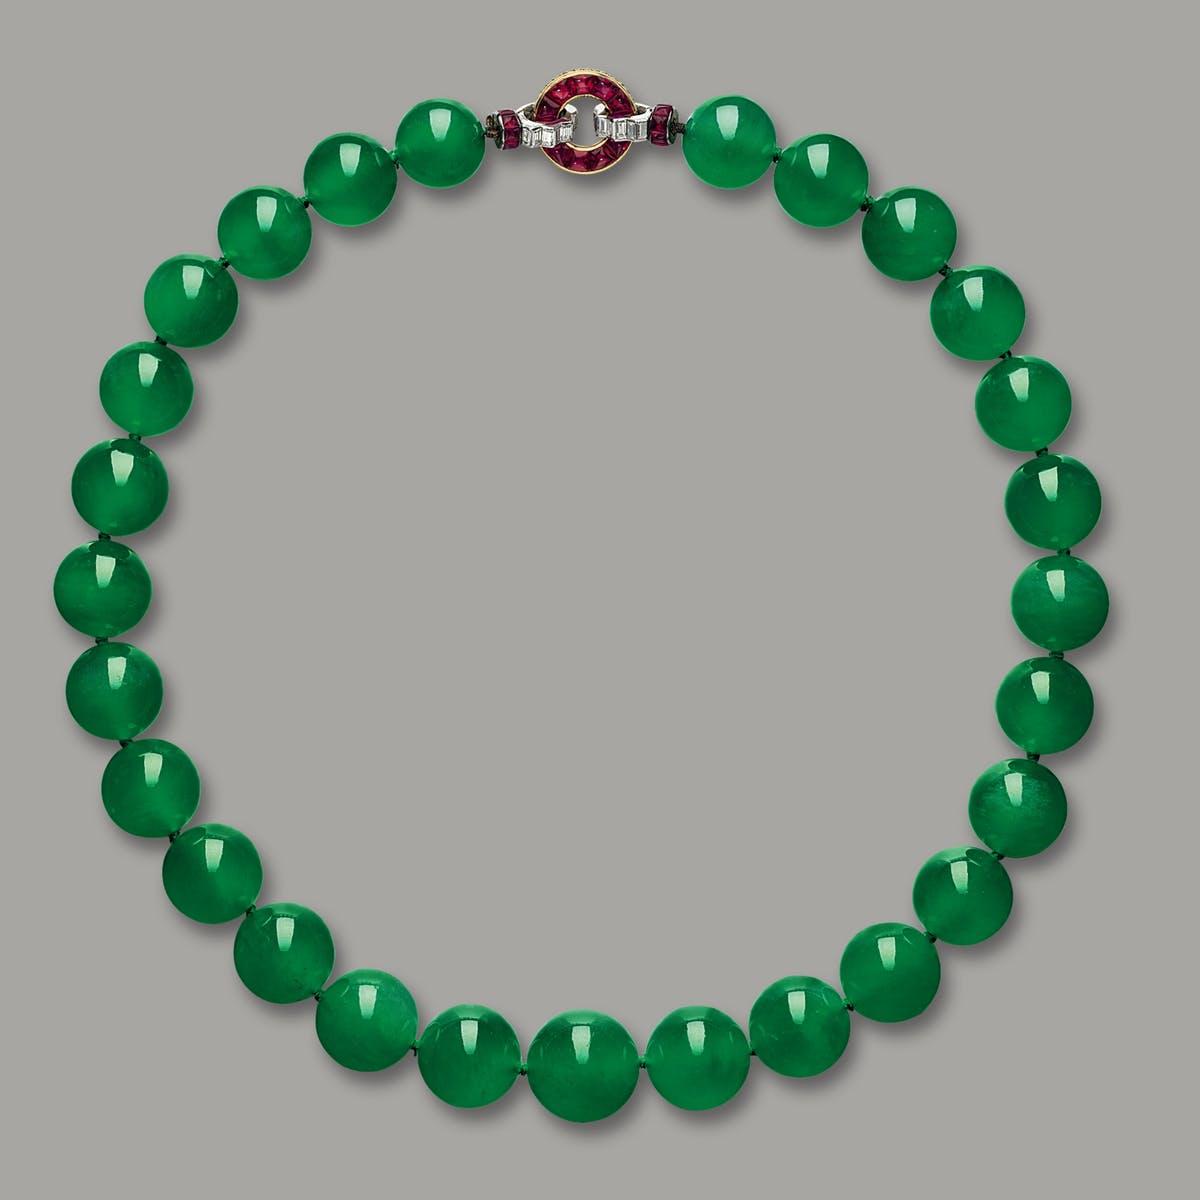 Collier vente record pour un bijou en jadéite et pour Cartier, image ©Sotheby's